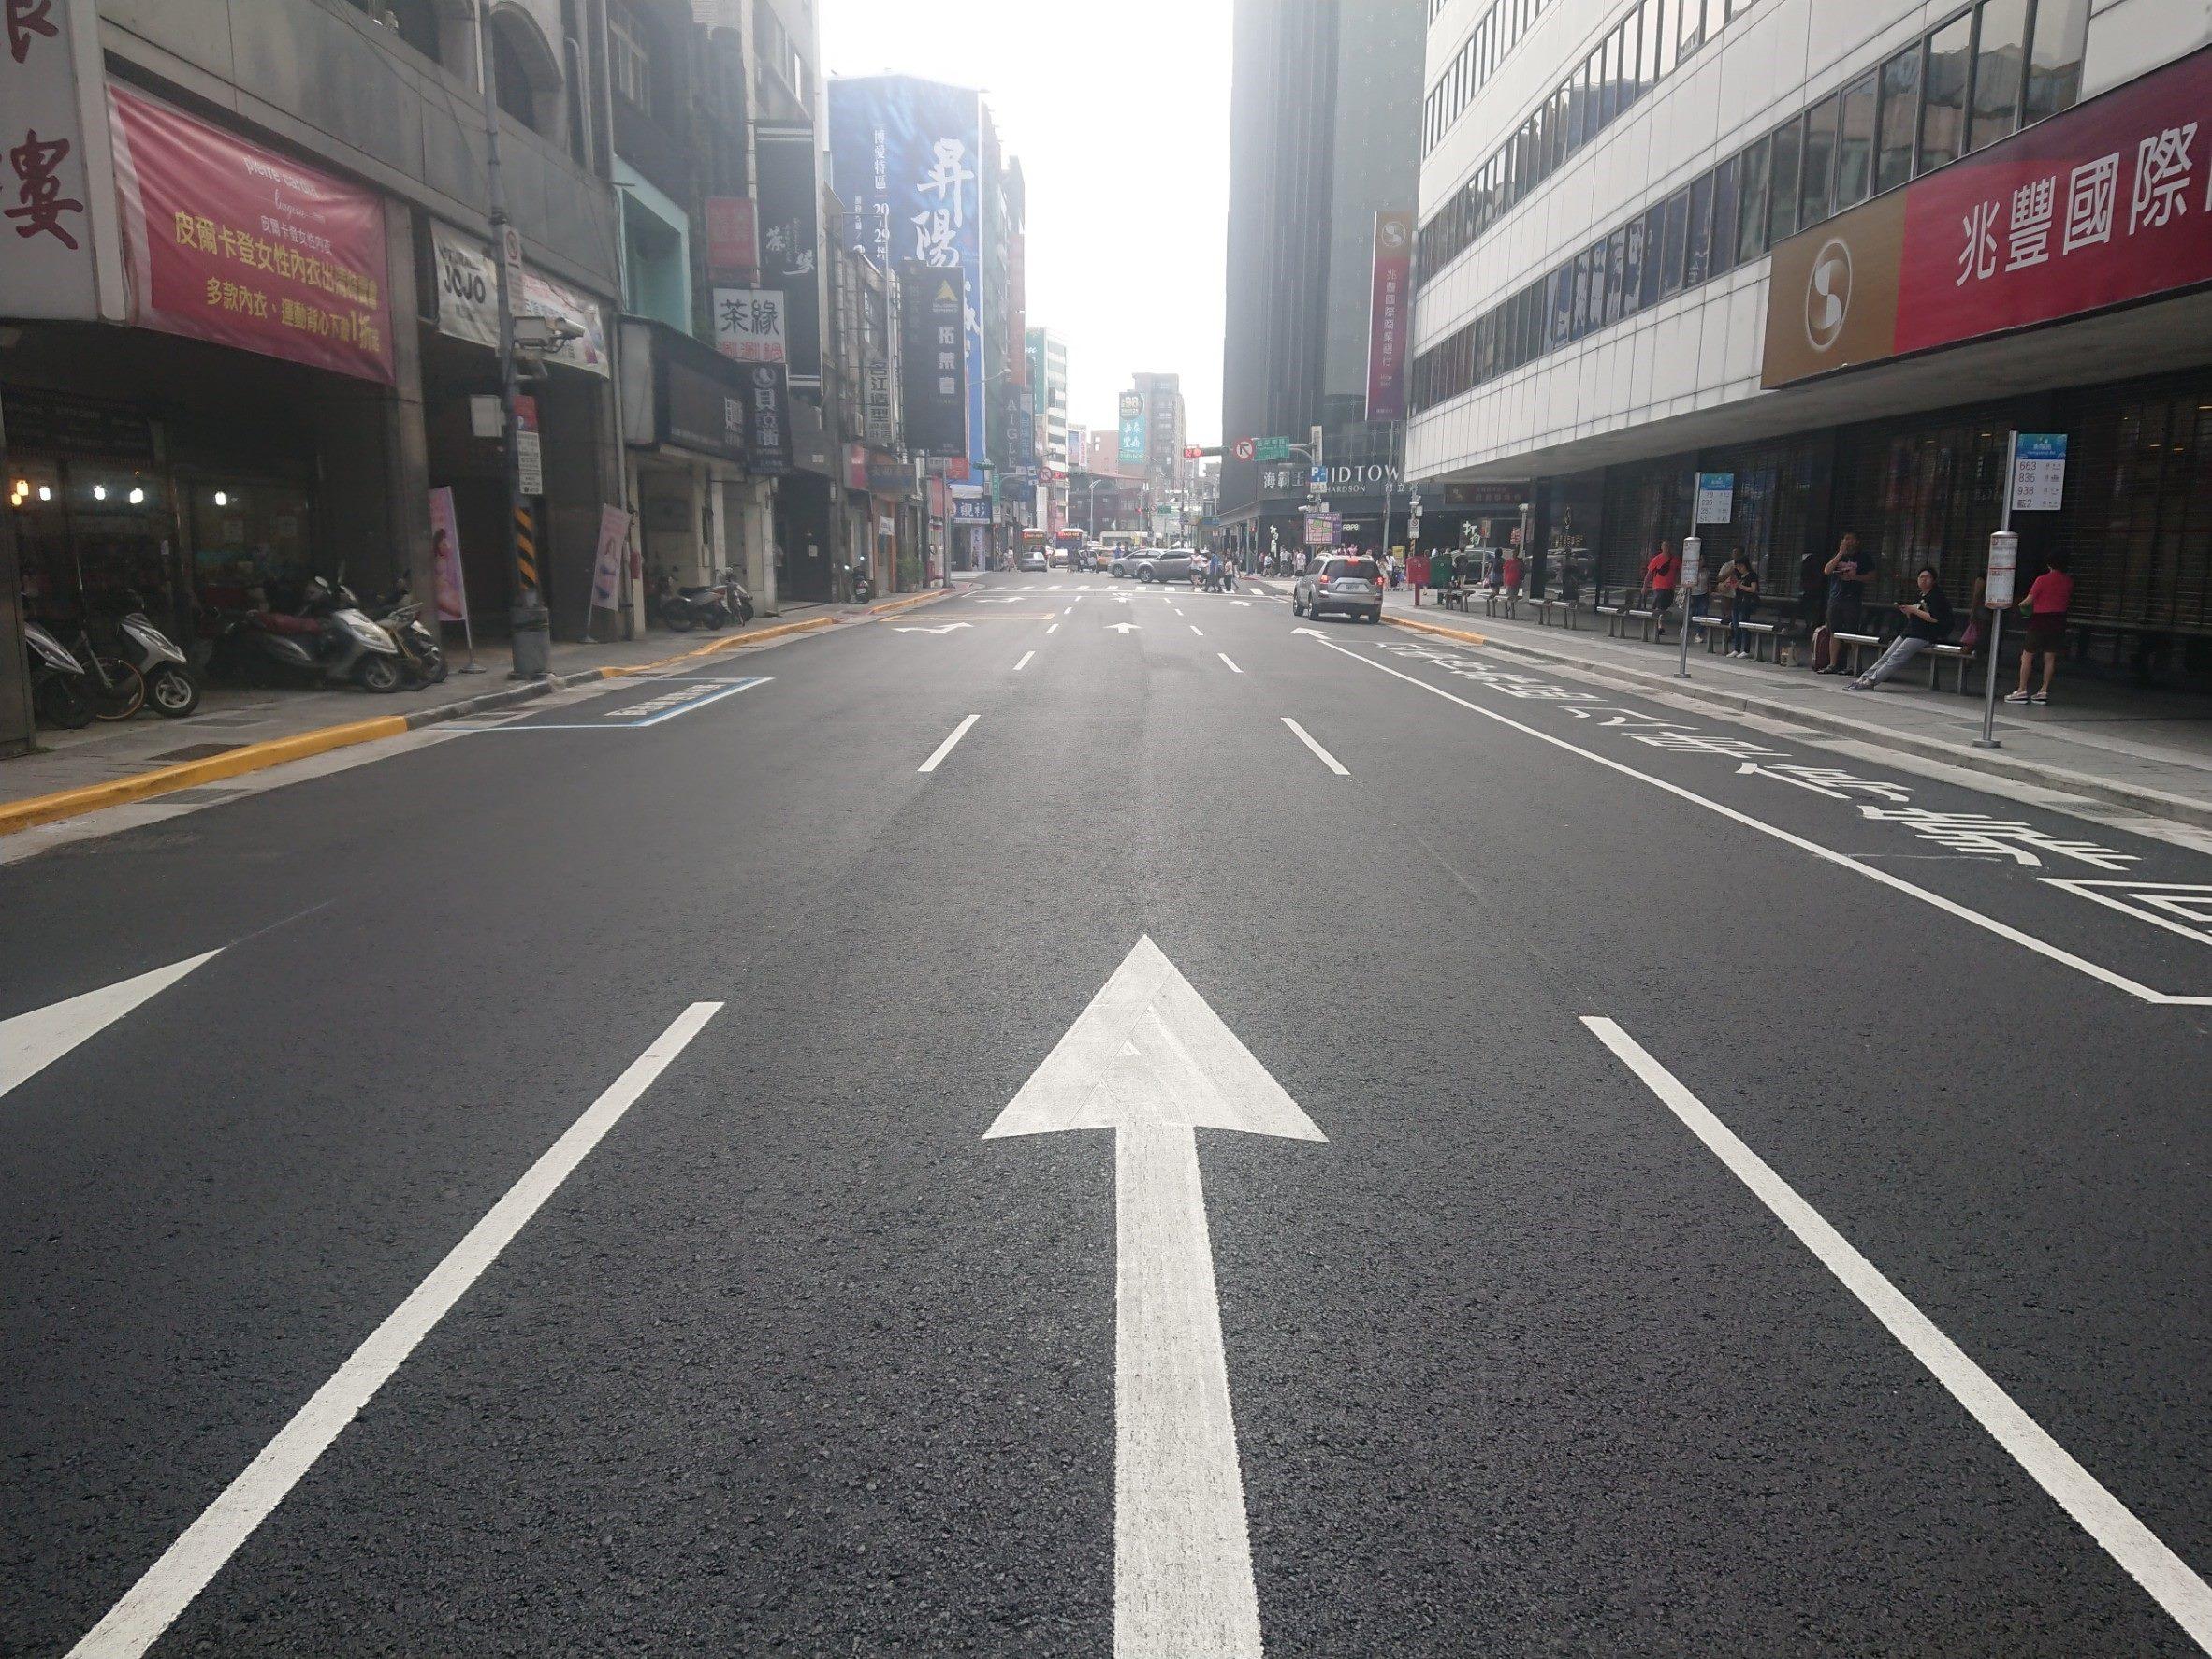 臺北市衡陽路路面更新後情形